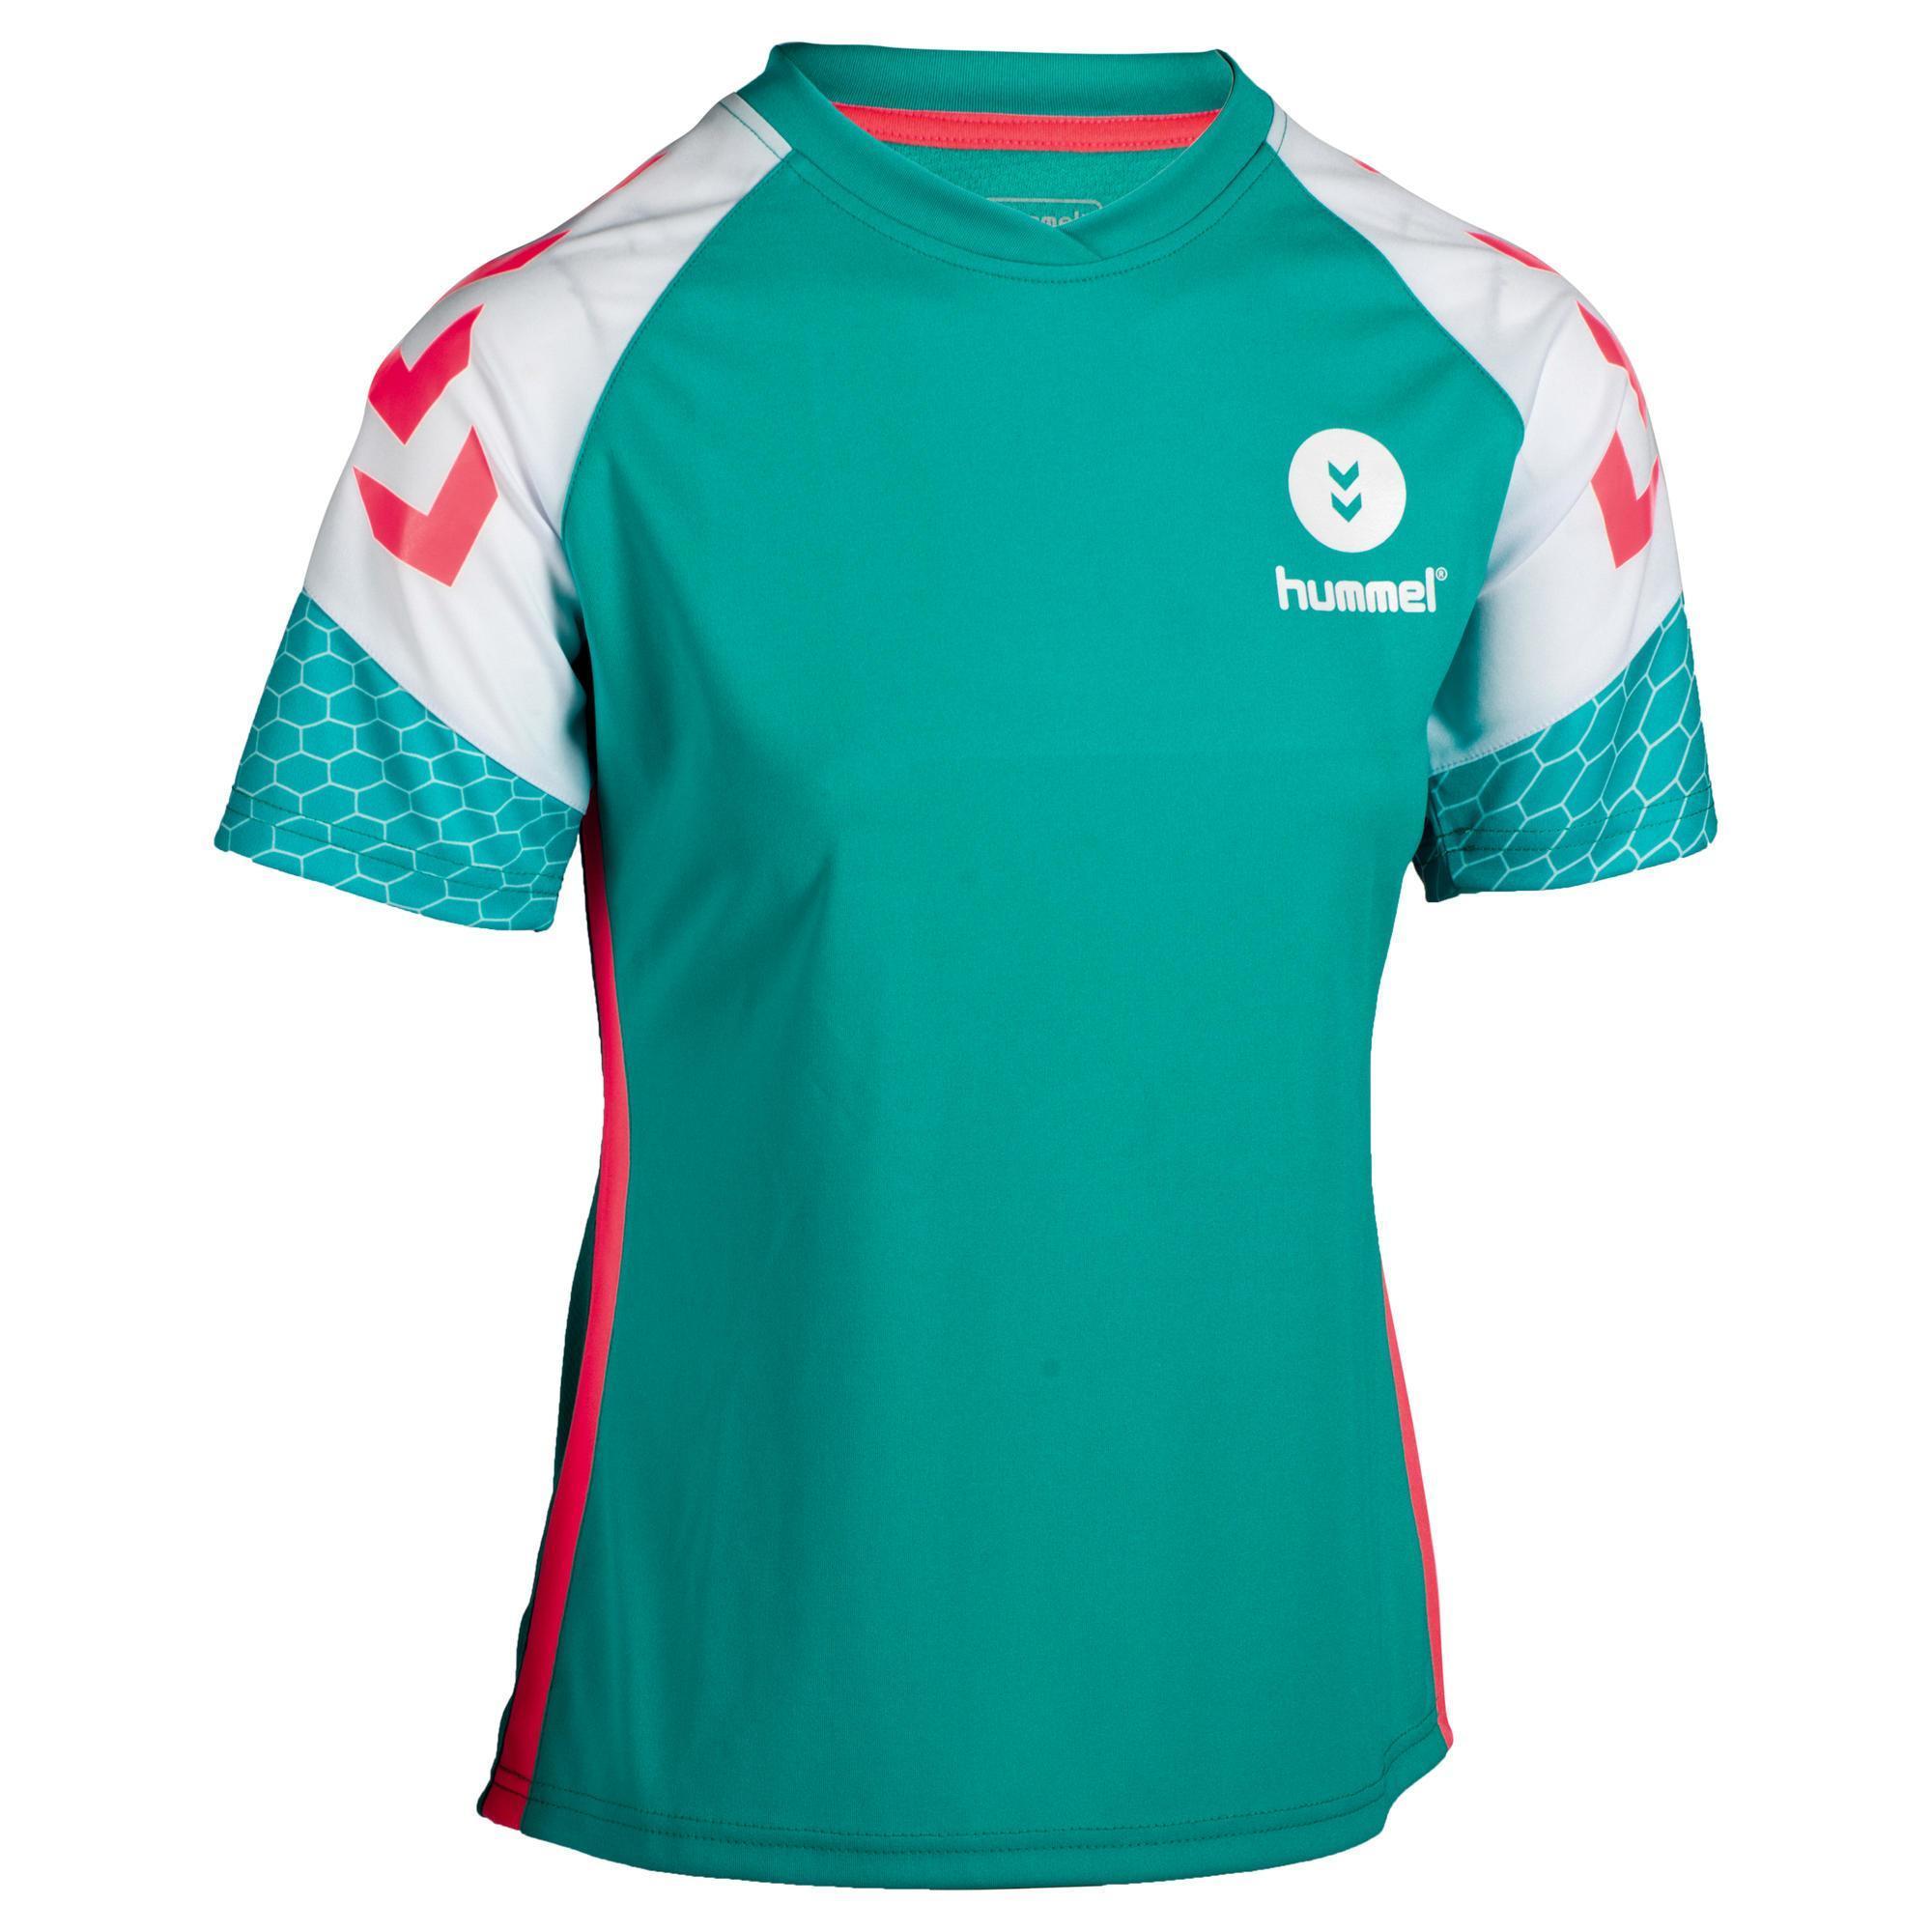 Hummel Handbalshirt voor dames turquoise / wit / roze